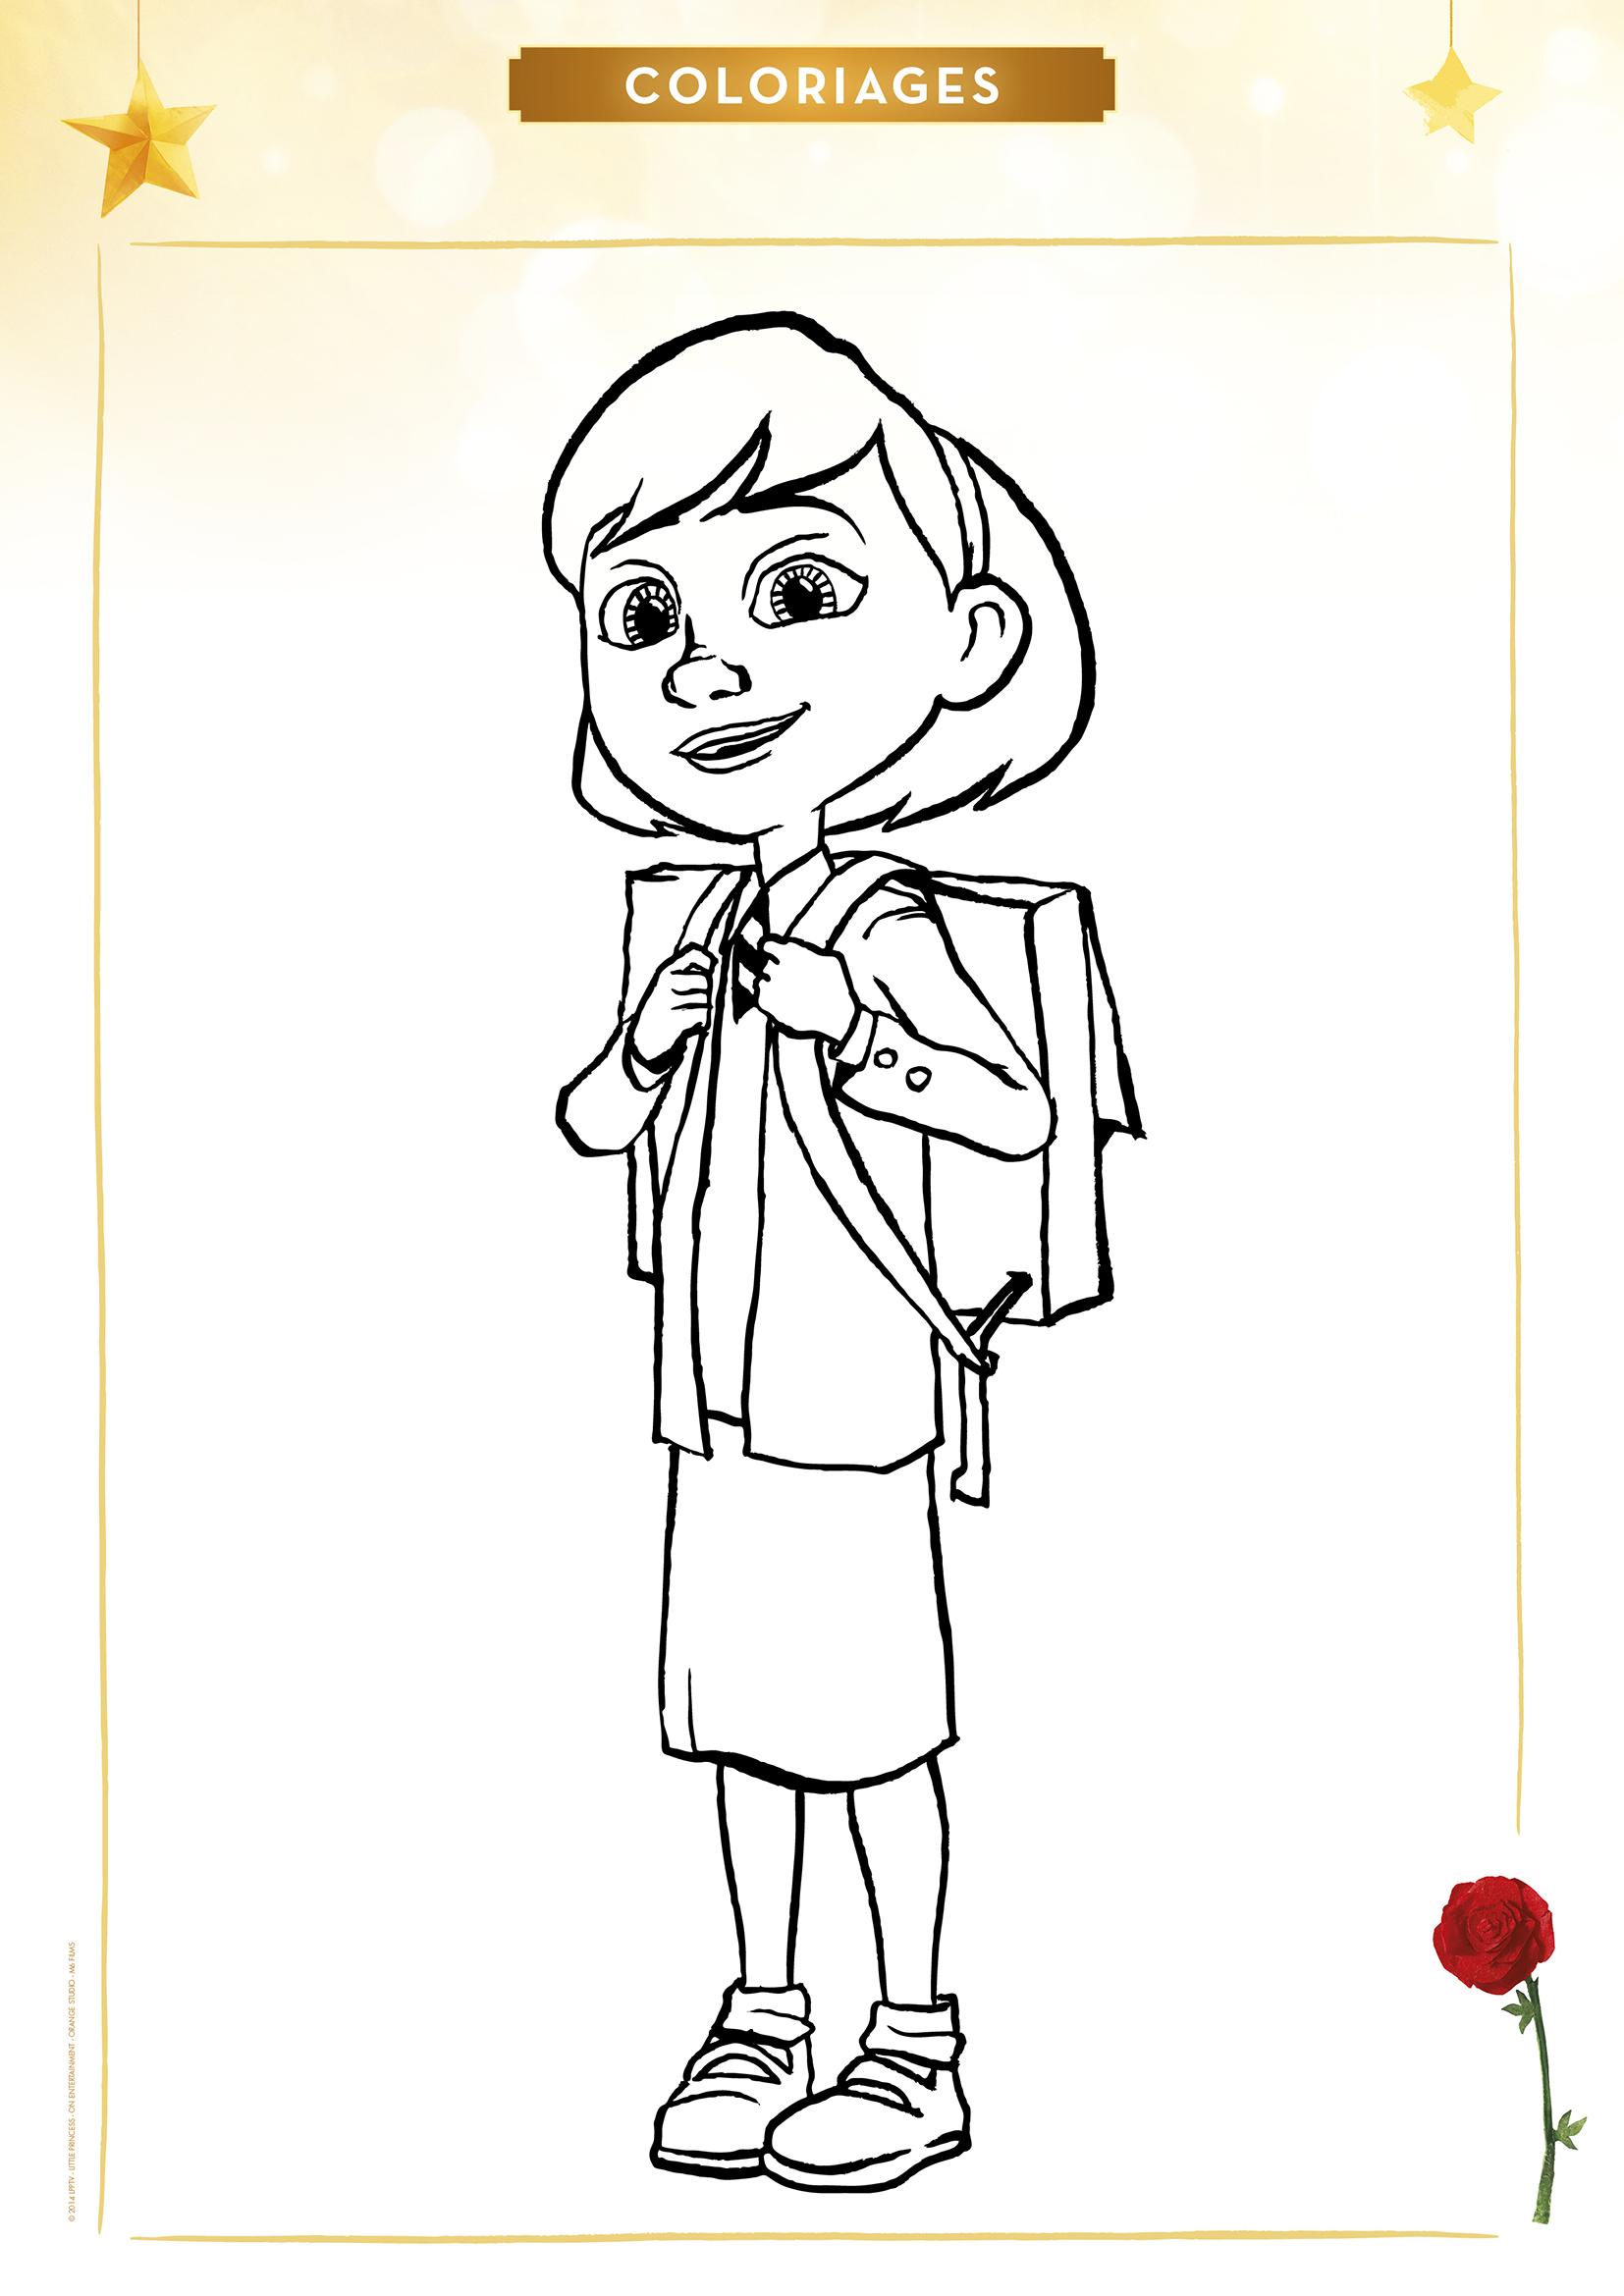 Coloriage la Petite Fille à l'école